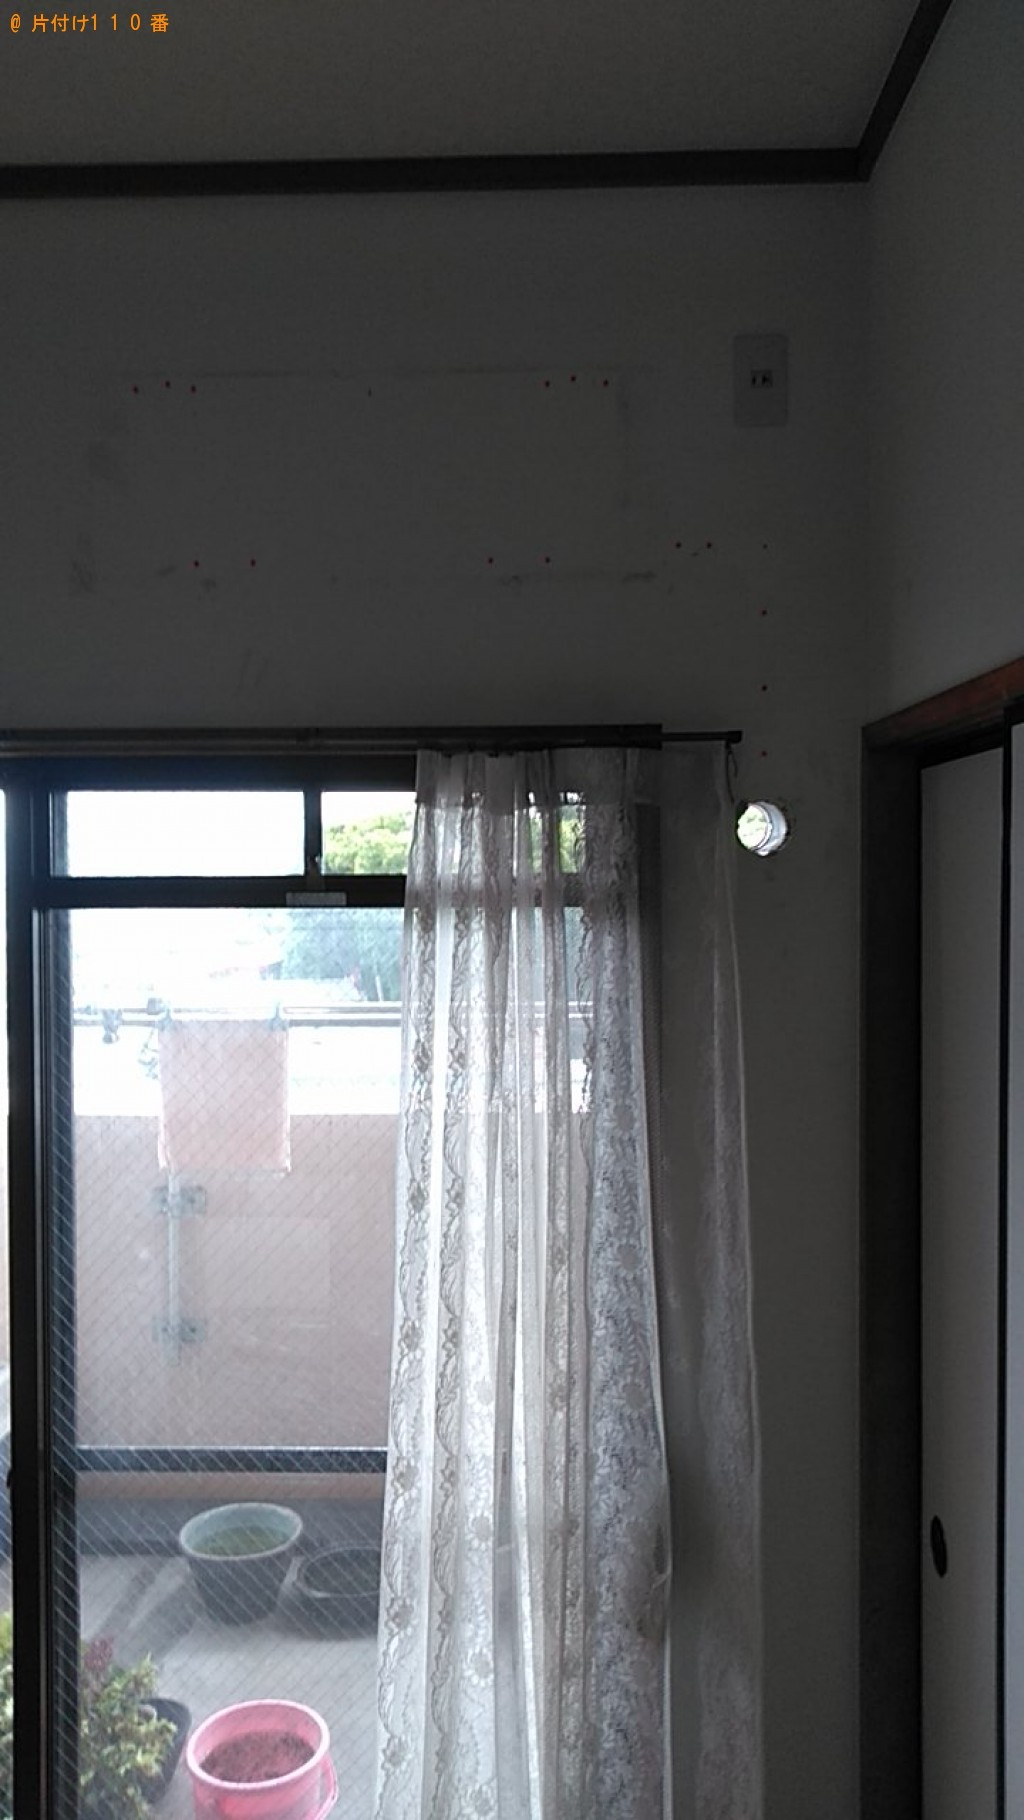 【松山市神田町】テレビ、エアコン、ガスボンベ等の回収・処分ご依頼